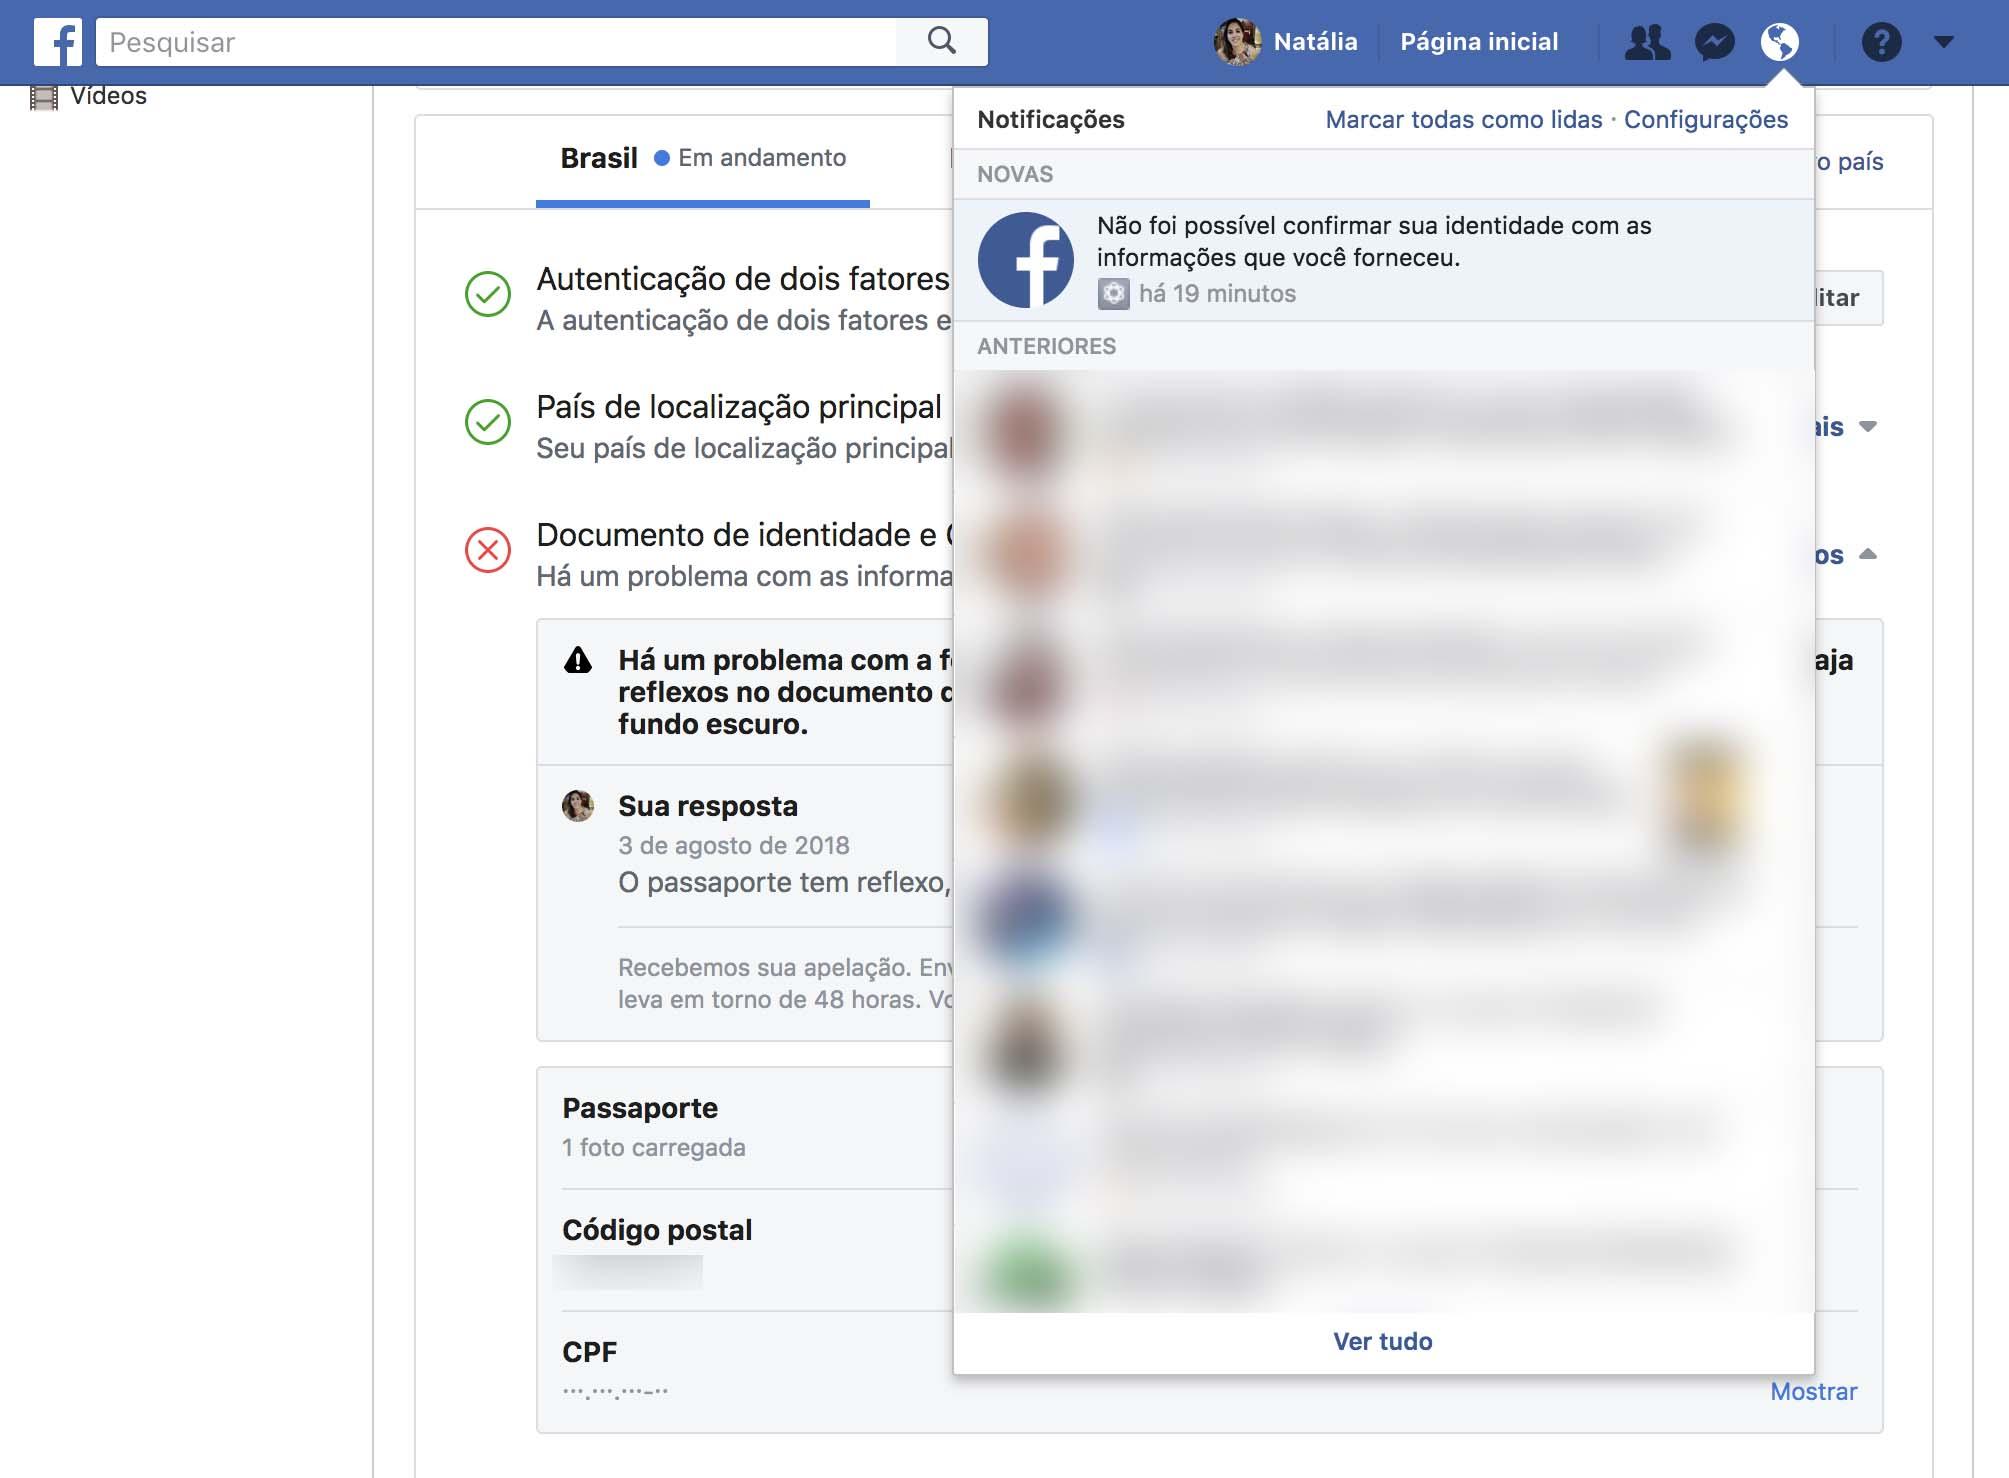 Erro ao verificar contas de anunciante político no Facebook